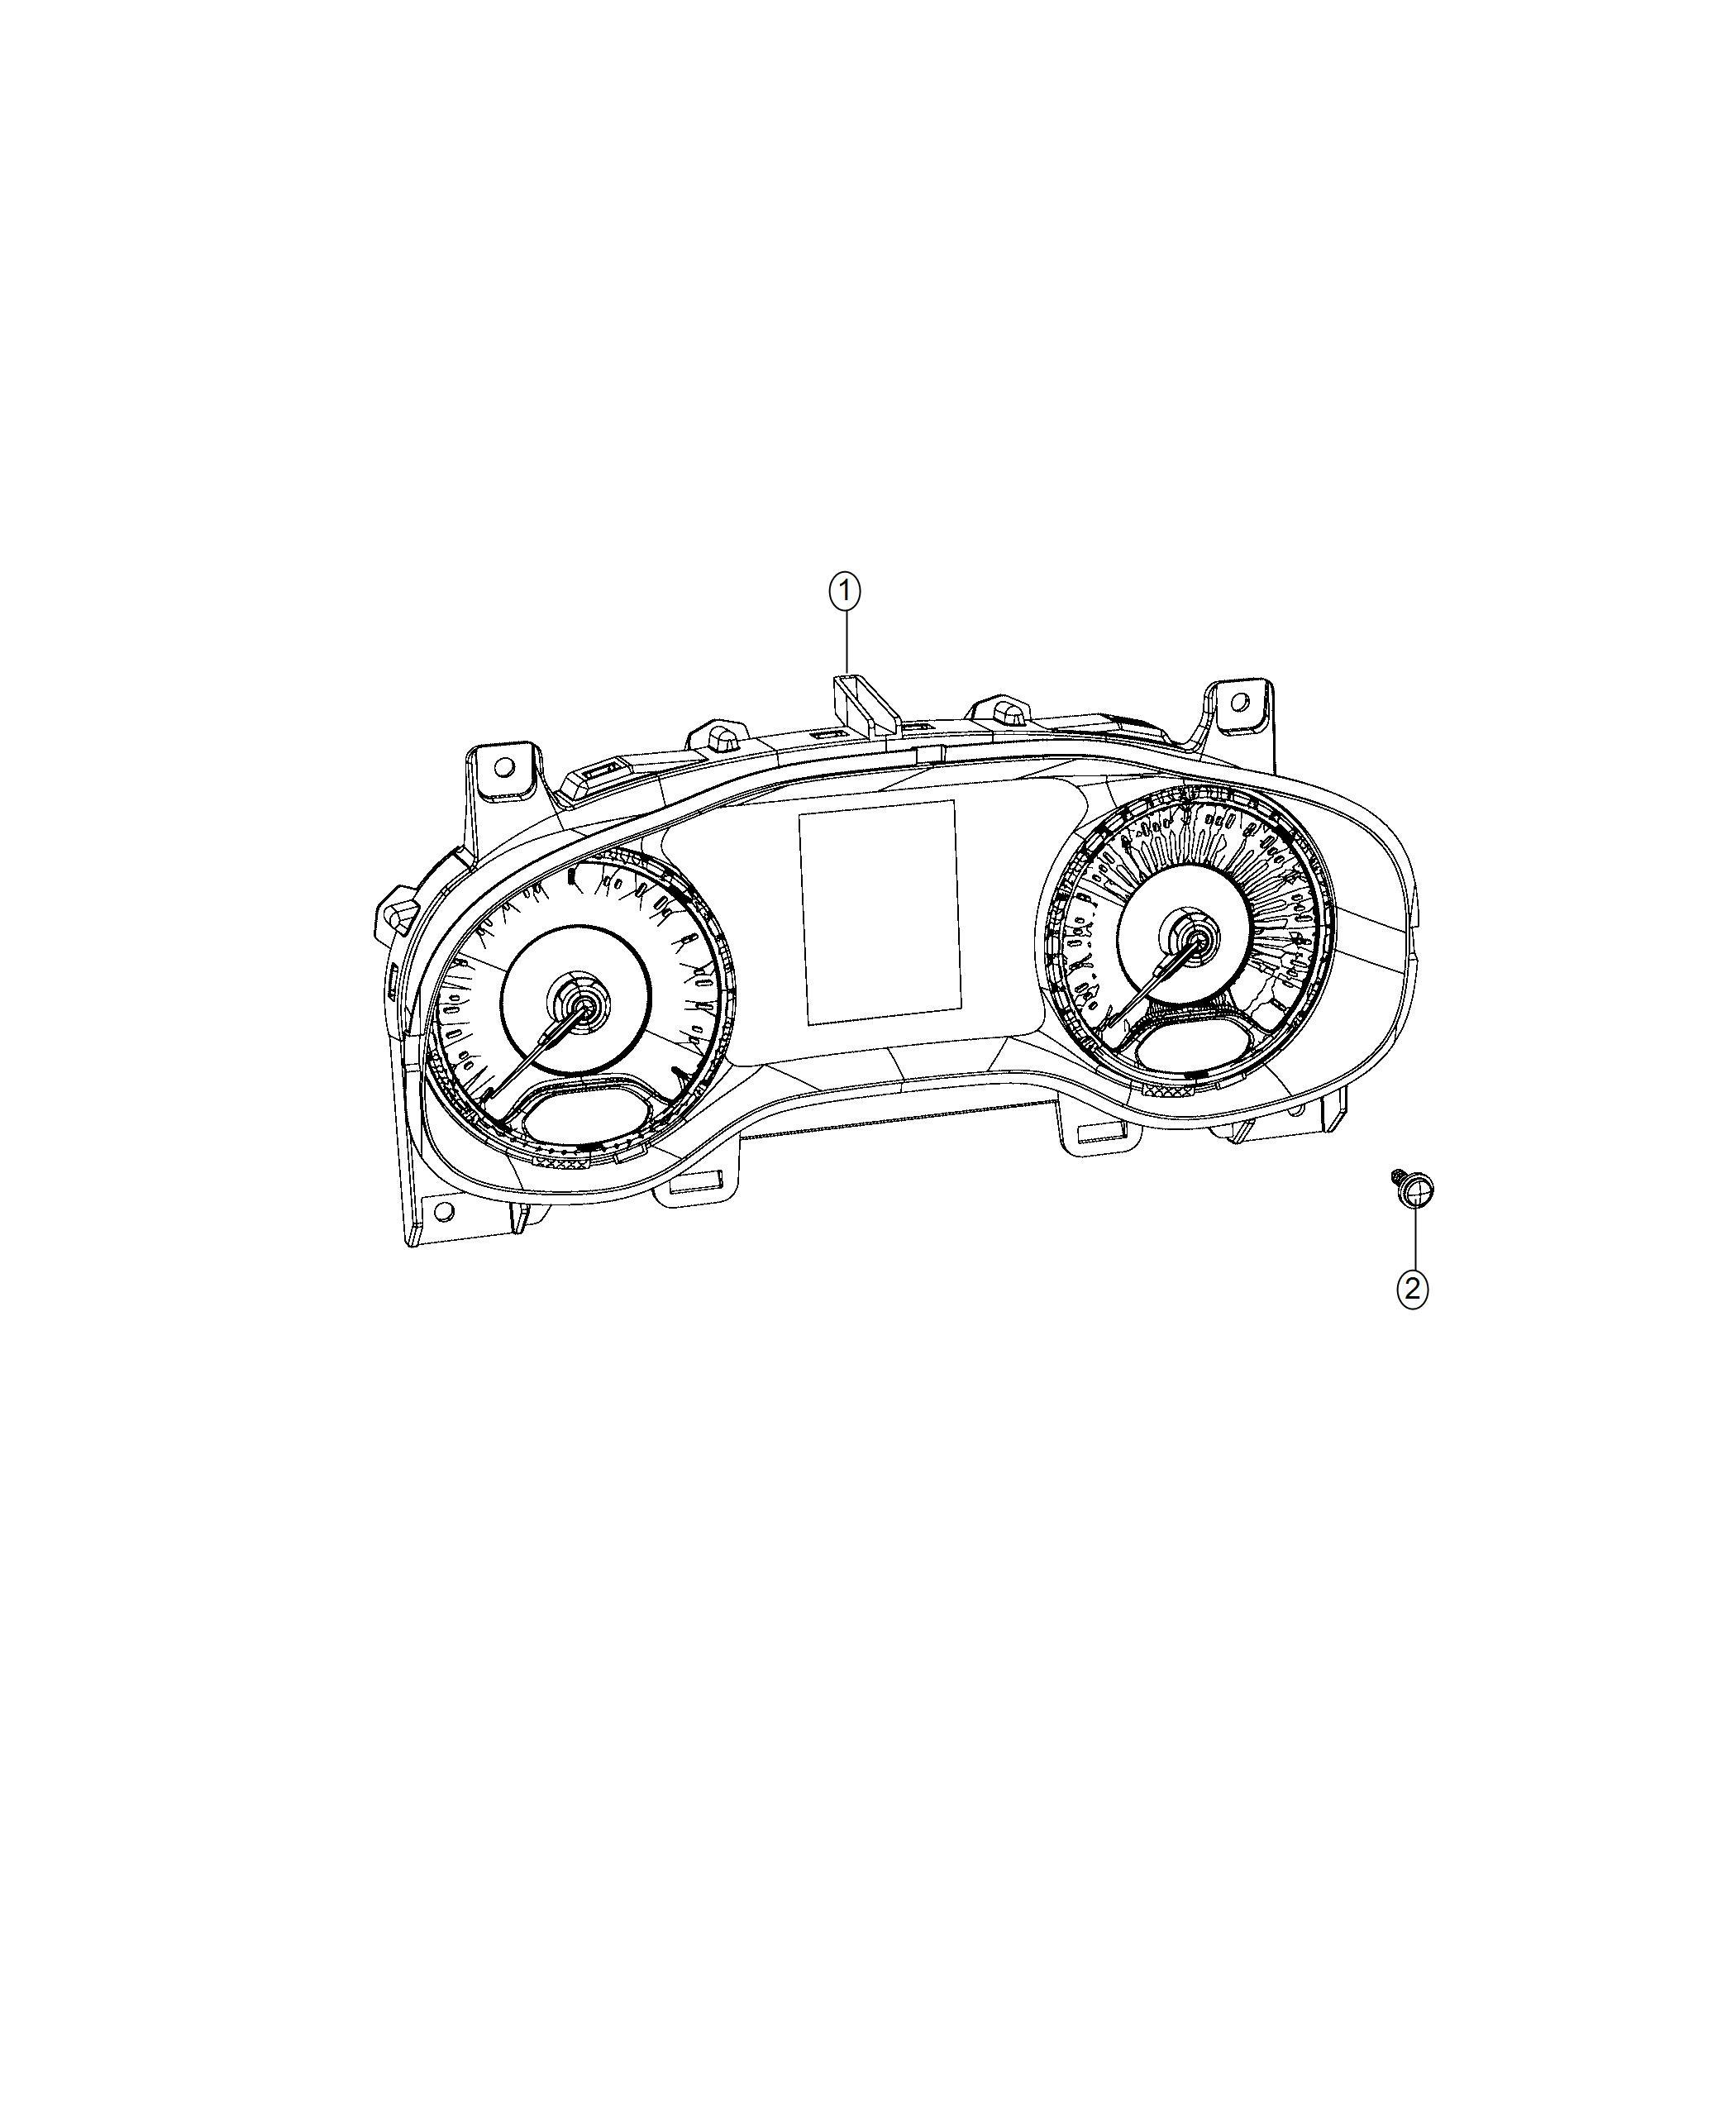 Jeep Compass Cluster Instrument Panel Trim No Description Available Color O0